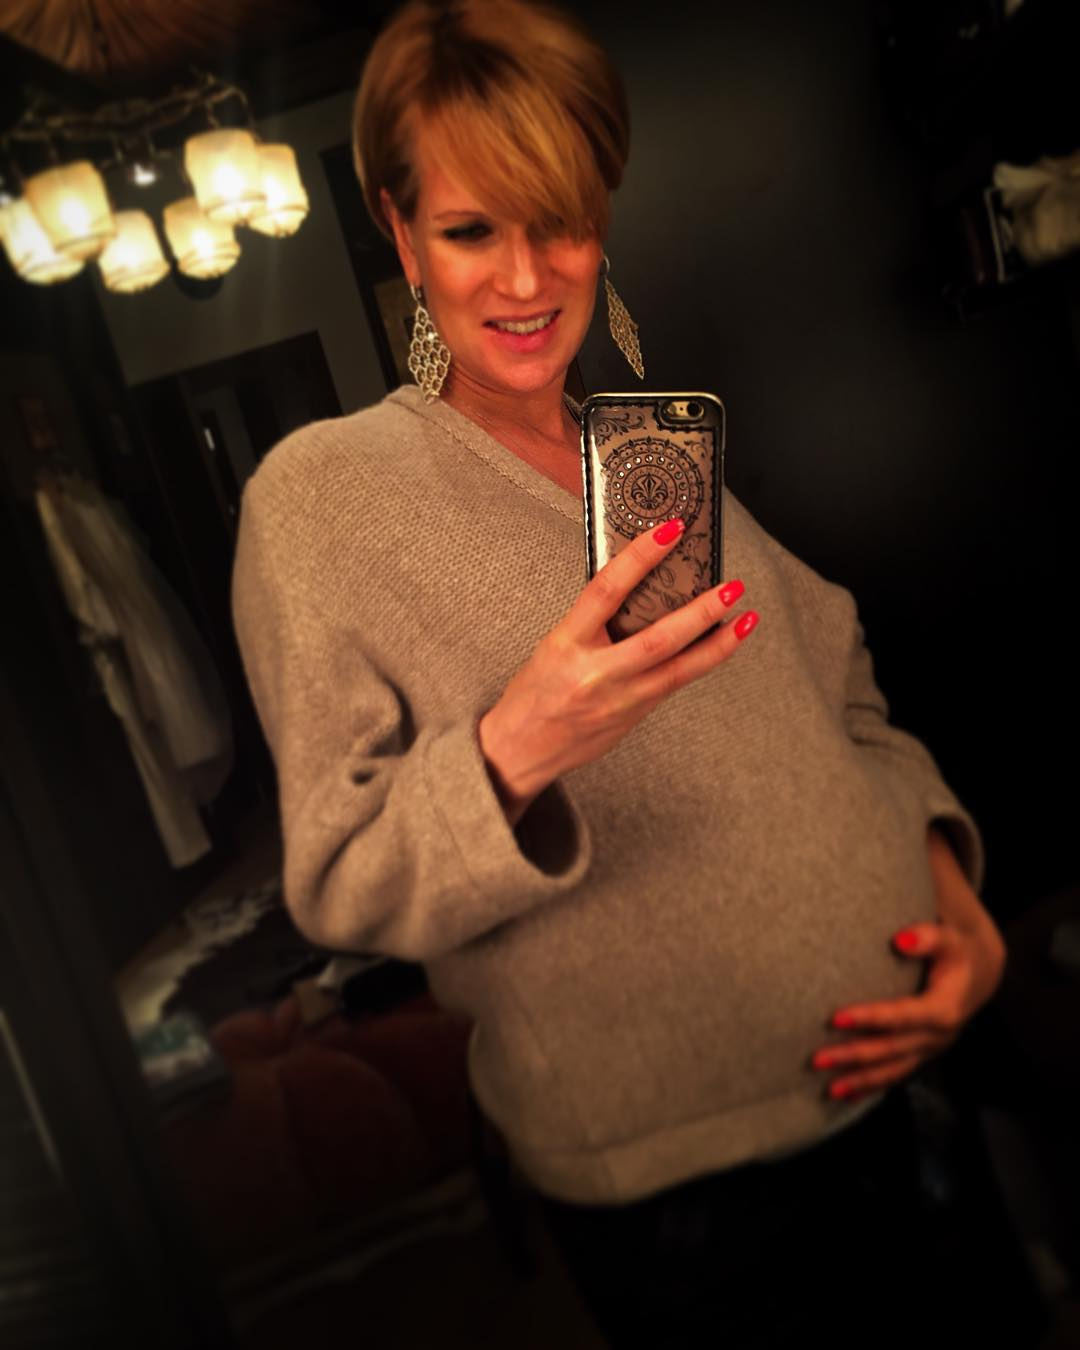 41-летняя Олеся Судзиловская показала новорожденного сына